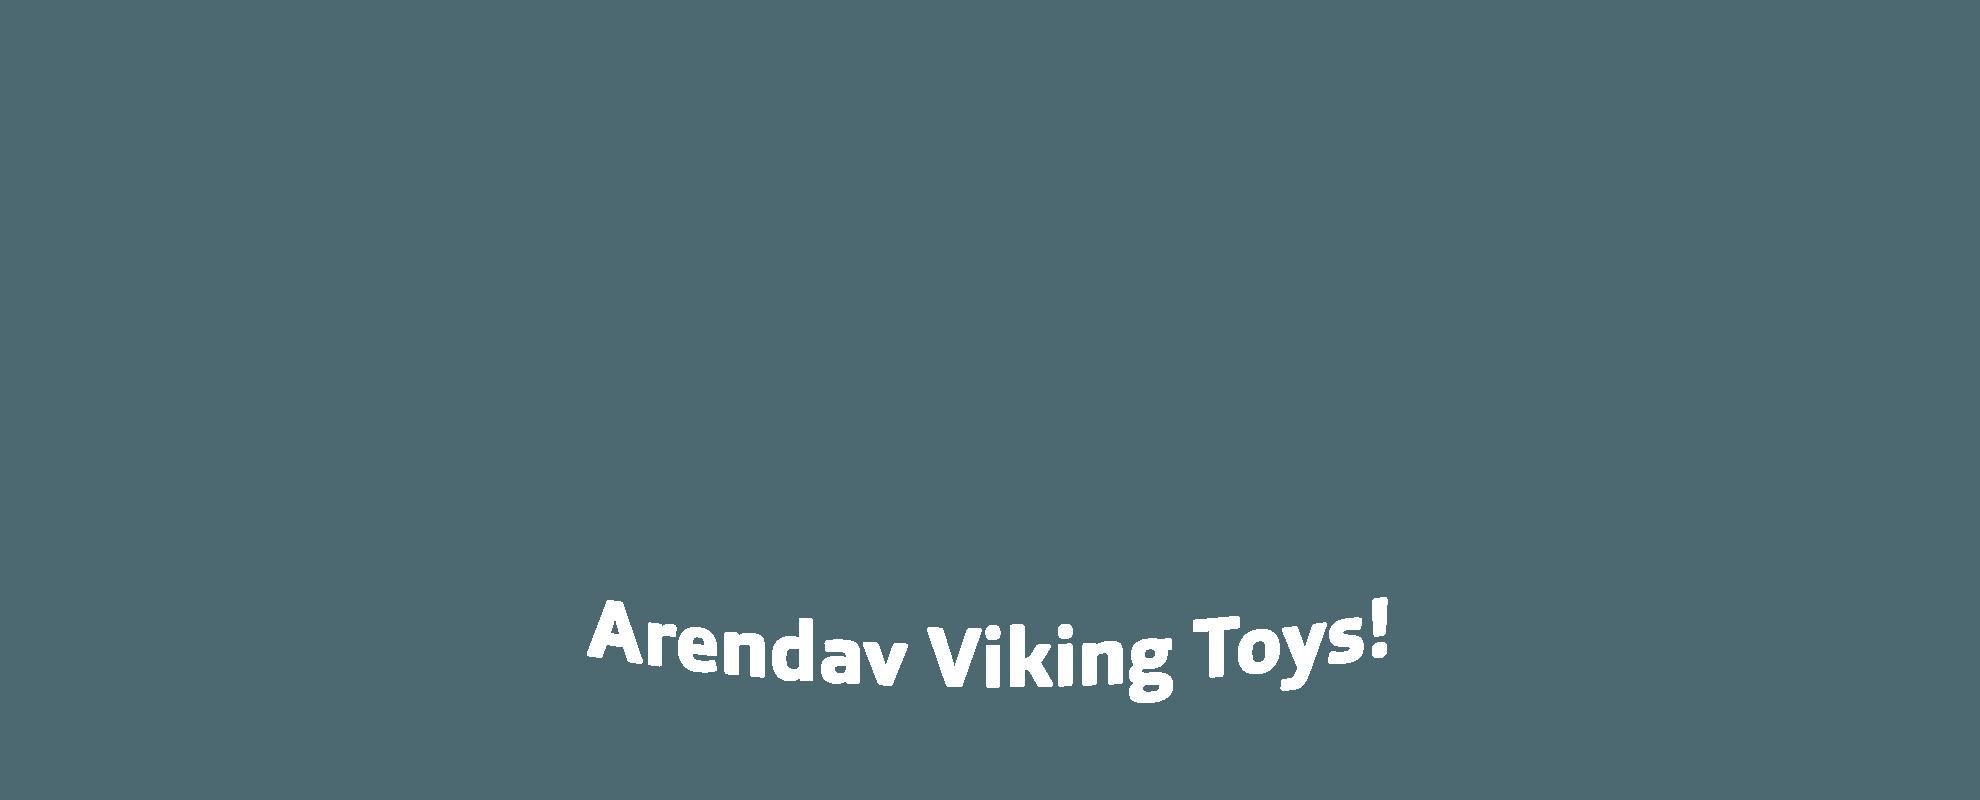 Viking_tekst